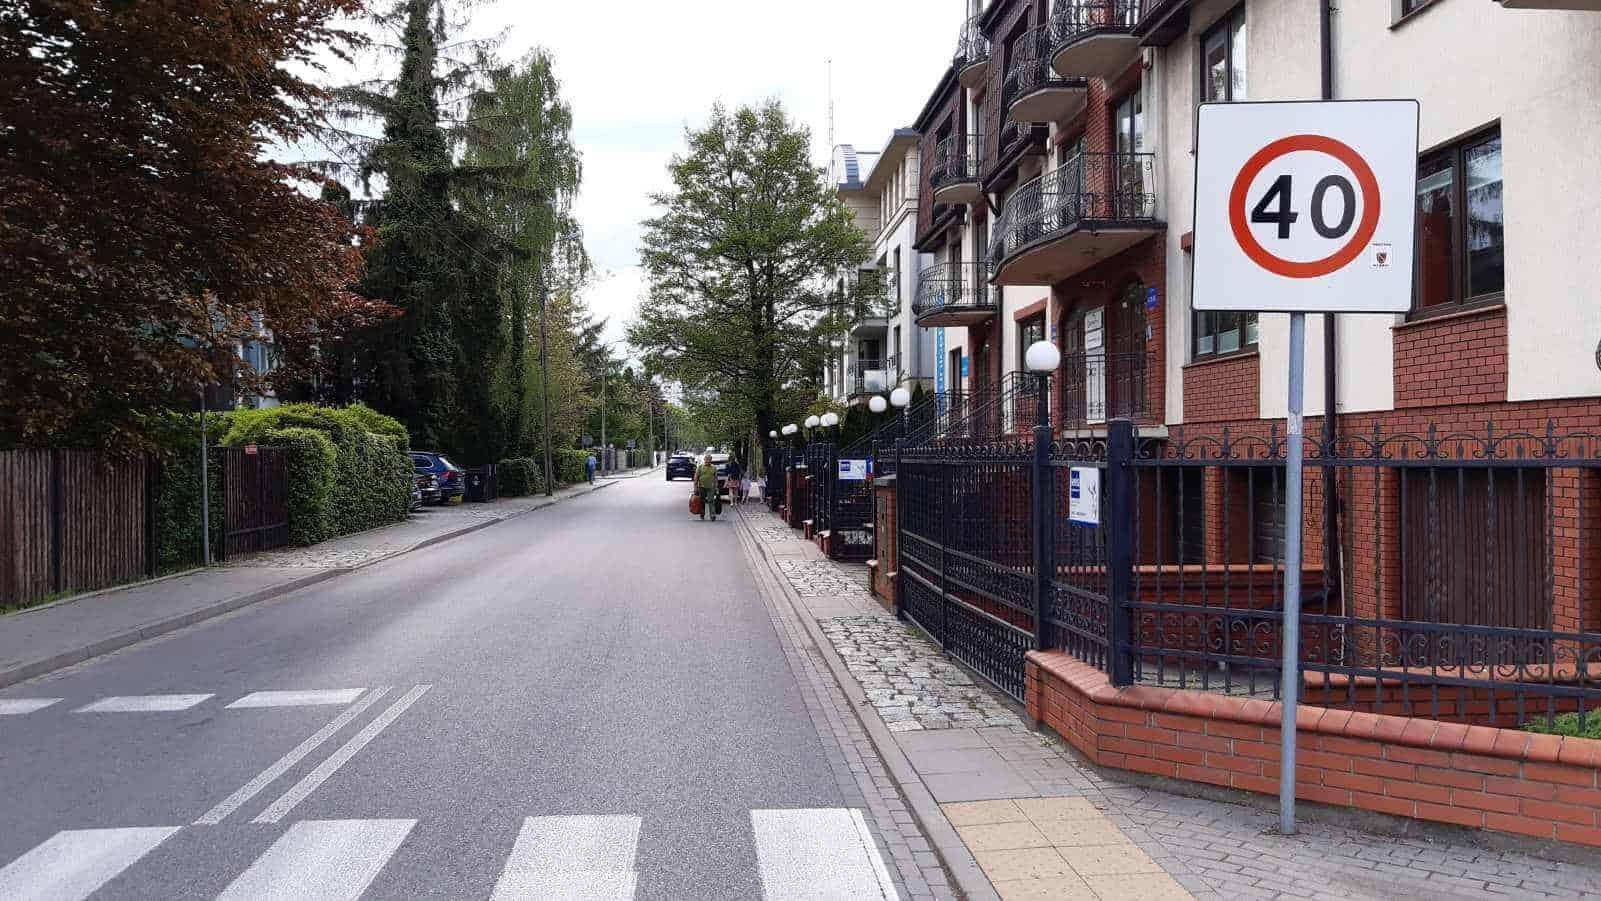 Jezdnia z ograniczeniem 40 km/h - według KGP elektryczne hulajnogi mają obowiązek jechać tu chodnikiem